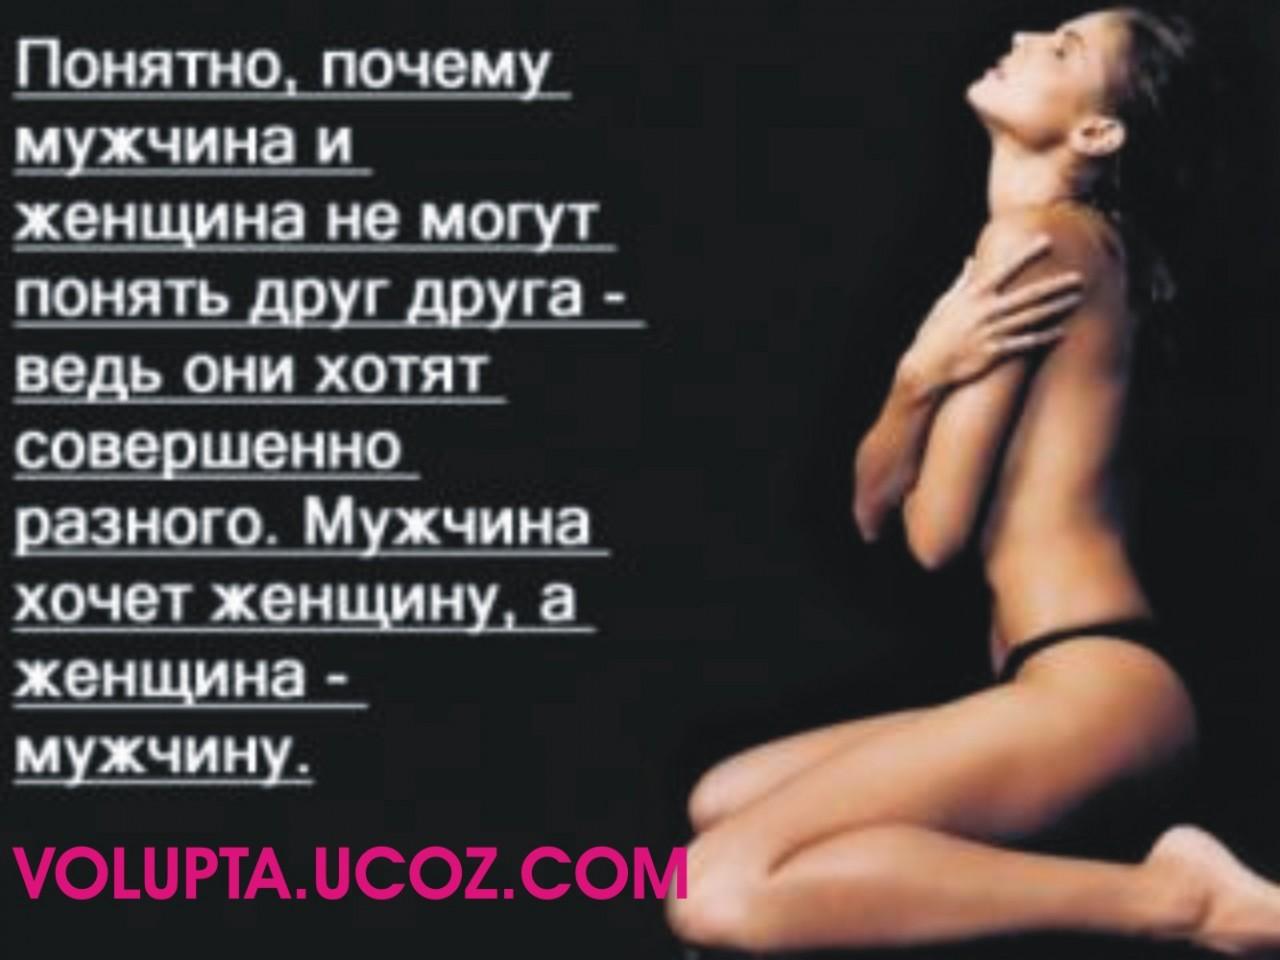 zud-slizistoy-vlagalisha-k-komu-obrashatsya